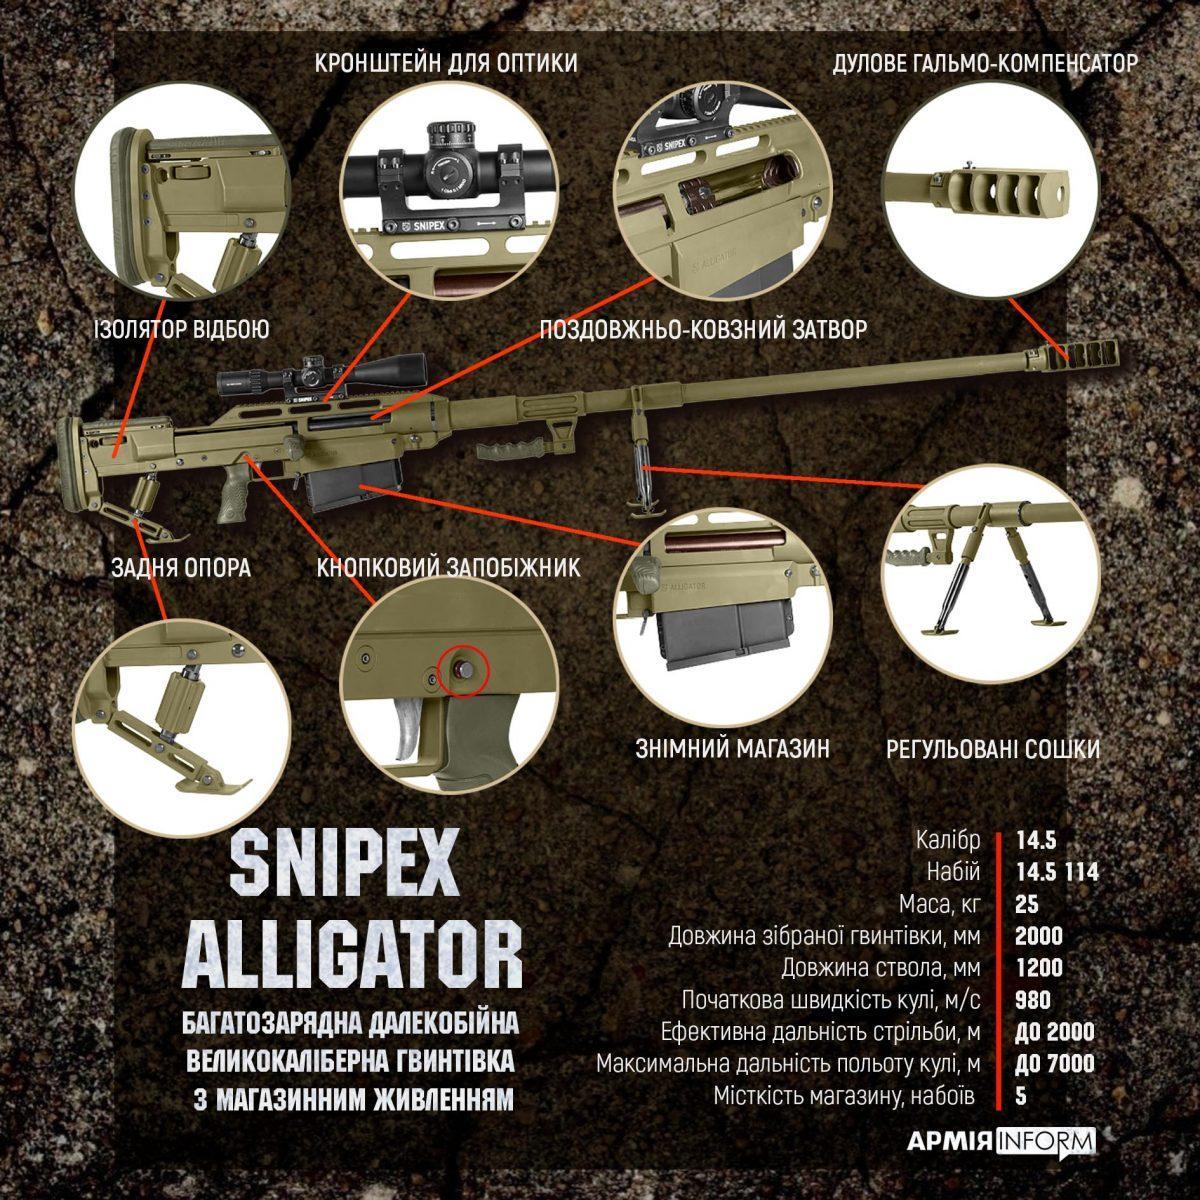 """Технічні характеристики гвинтівки """"Алігатор"""" / фото armyinform.com.ua"""